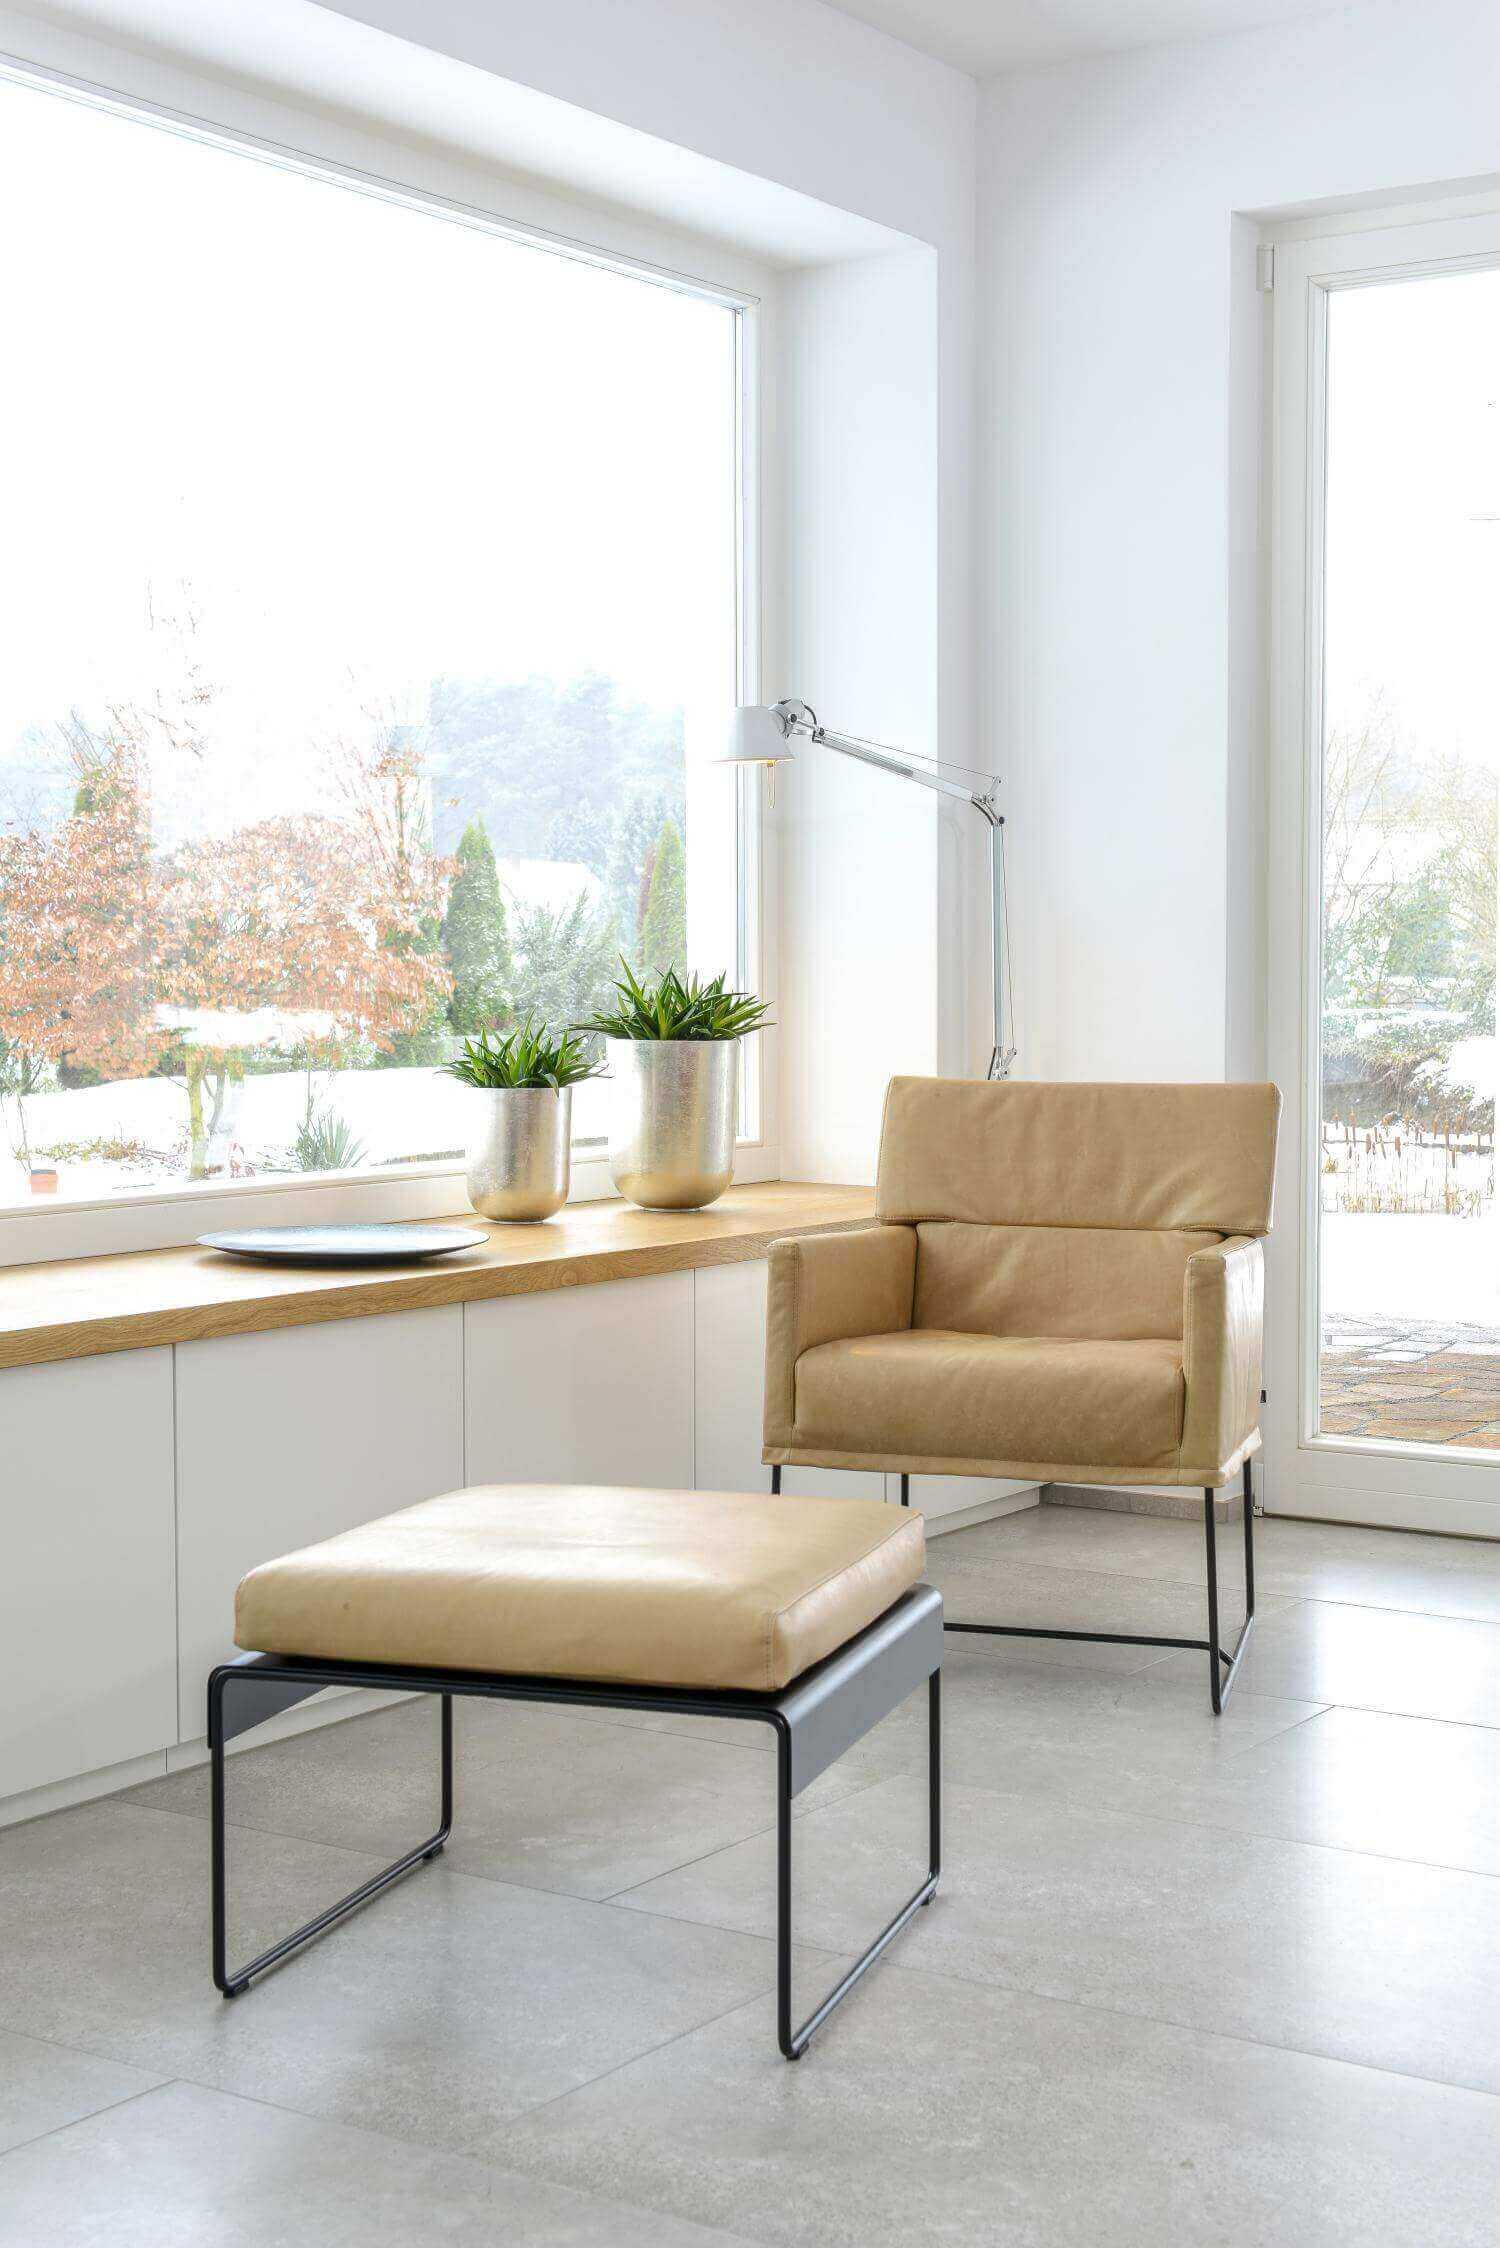 kff-call-lounge